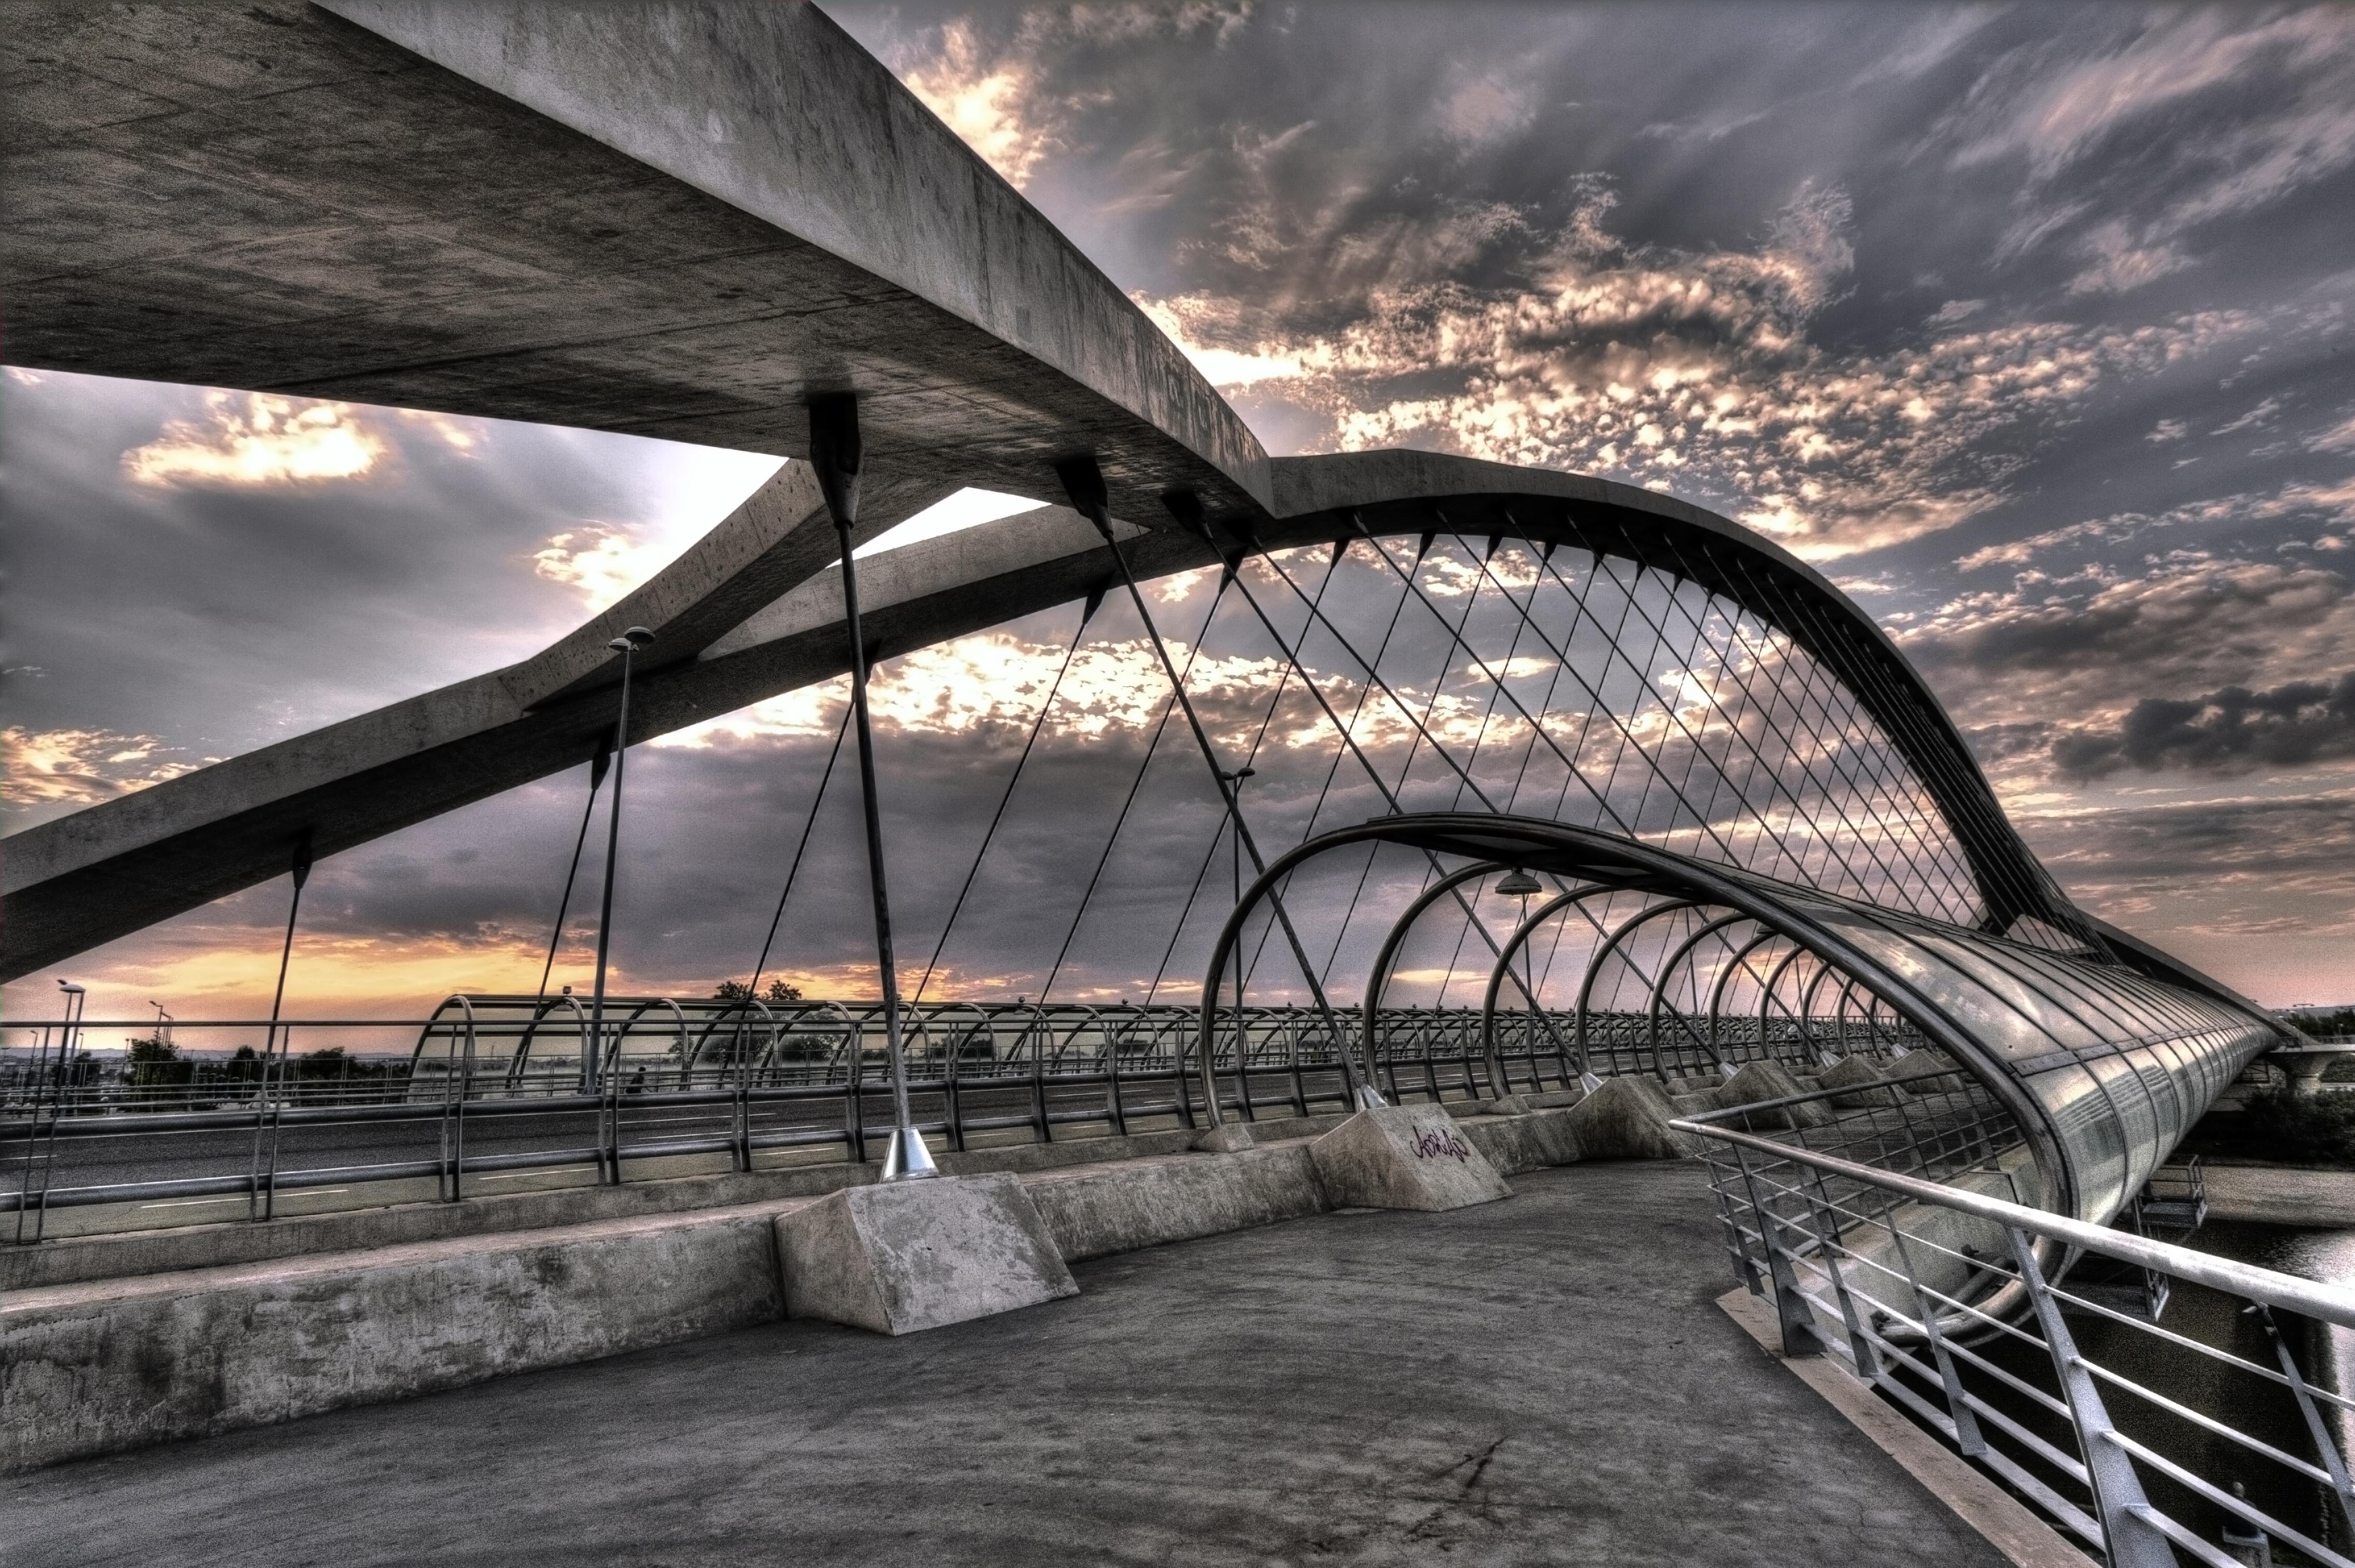 Stehlen Modern hintergrundbilder reise brücke espana linien die architektur